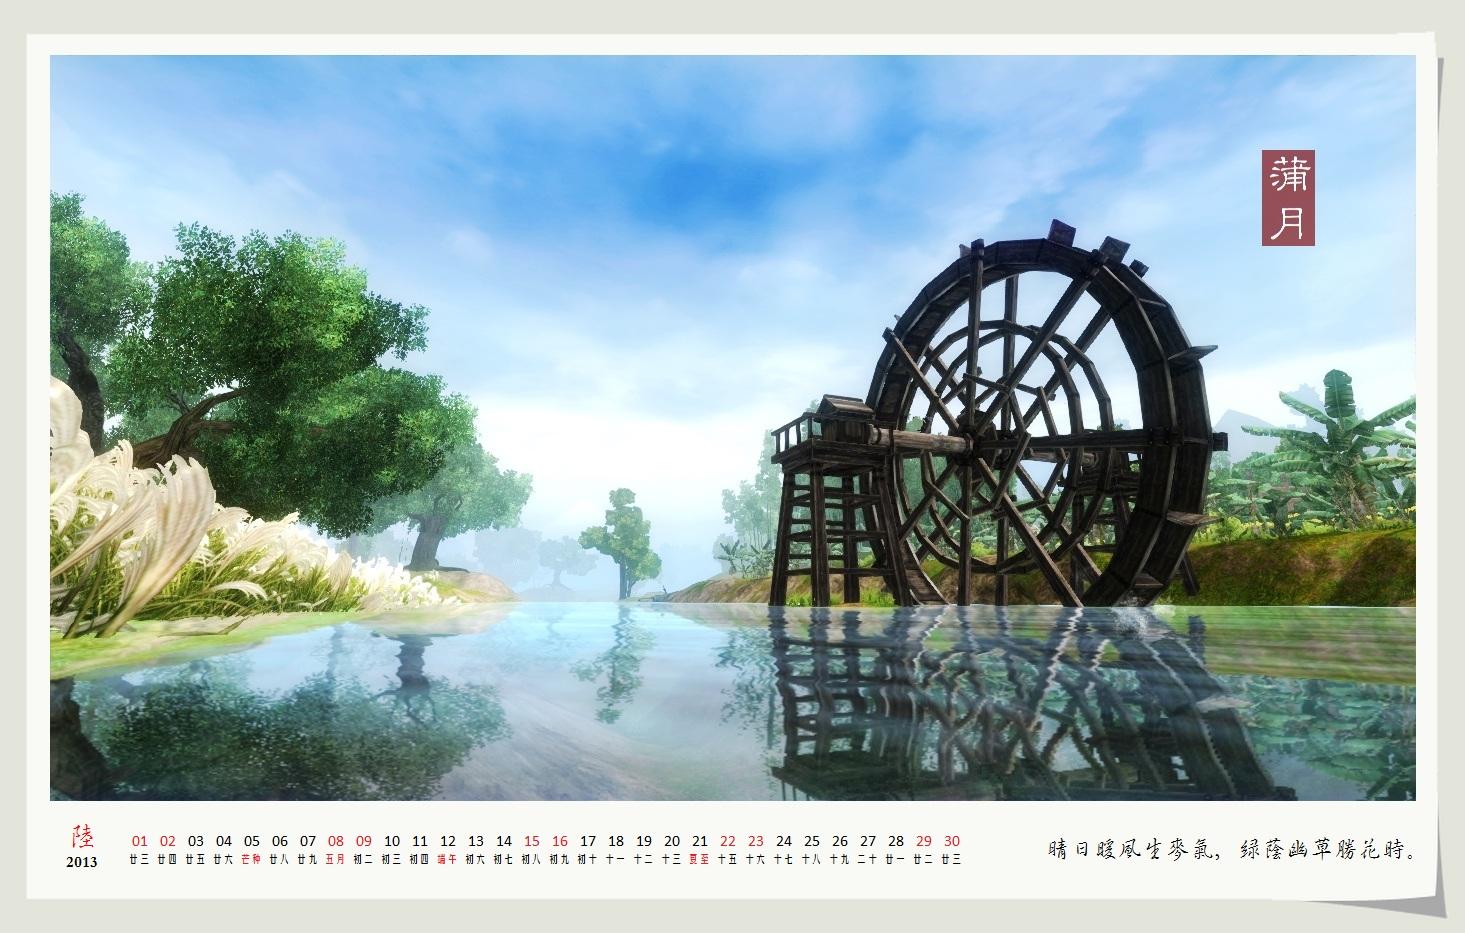 [打印本页] 标题:   一个人看风景,墨迹出来的2013年剑三月历.